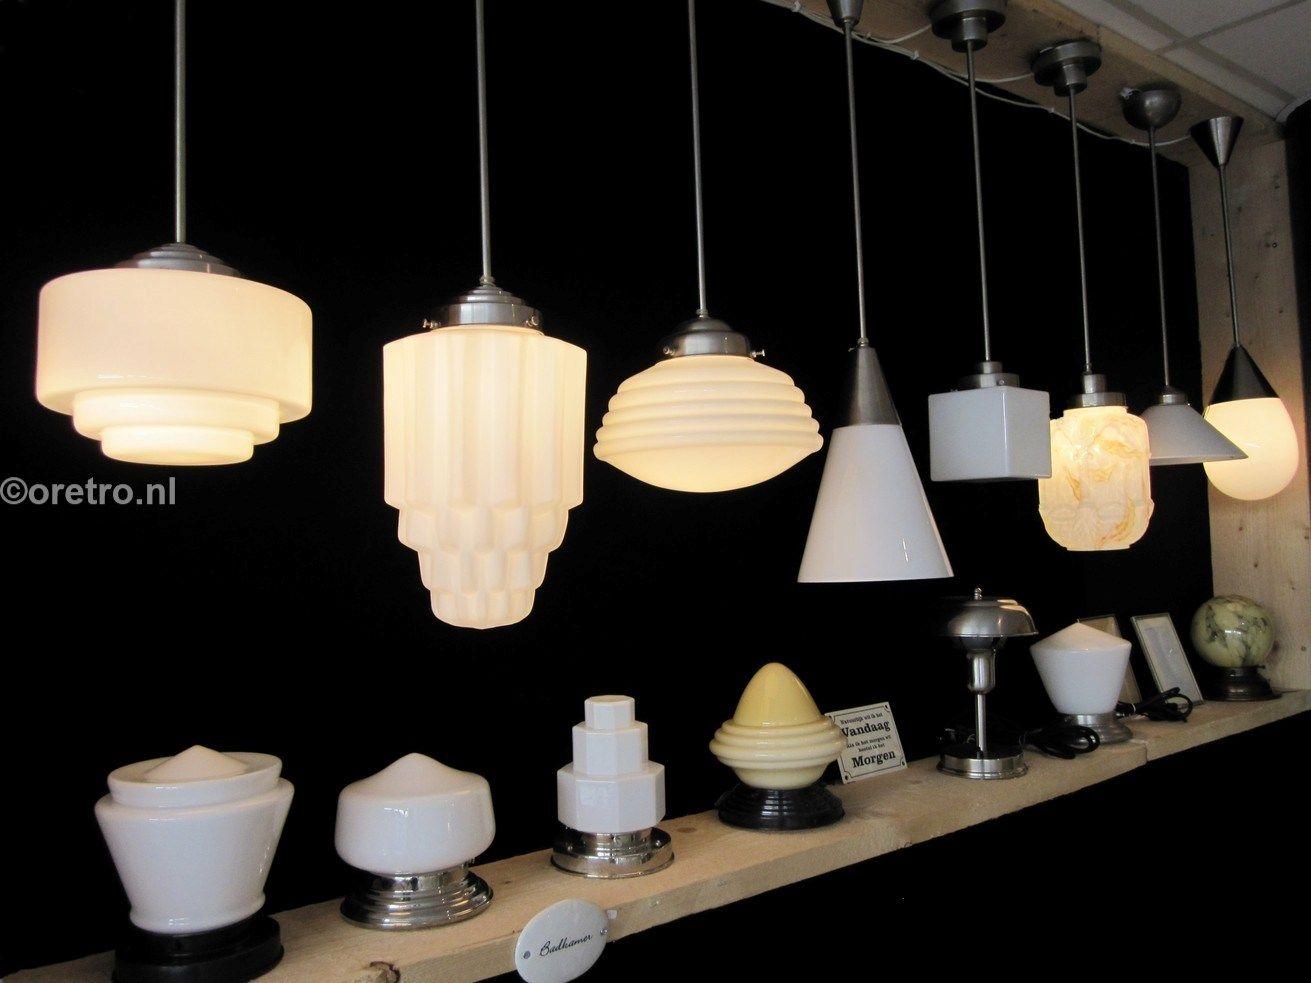 Art deco lampen jaren 20, 30 Gispenstijl www.oretro.nl | Art deco ...